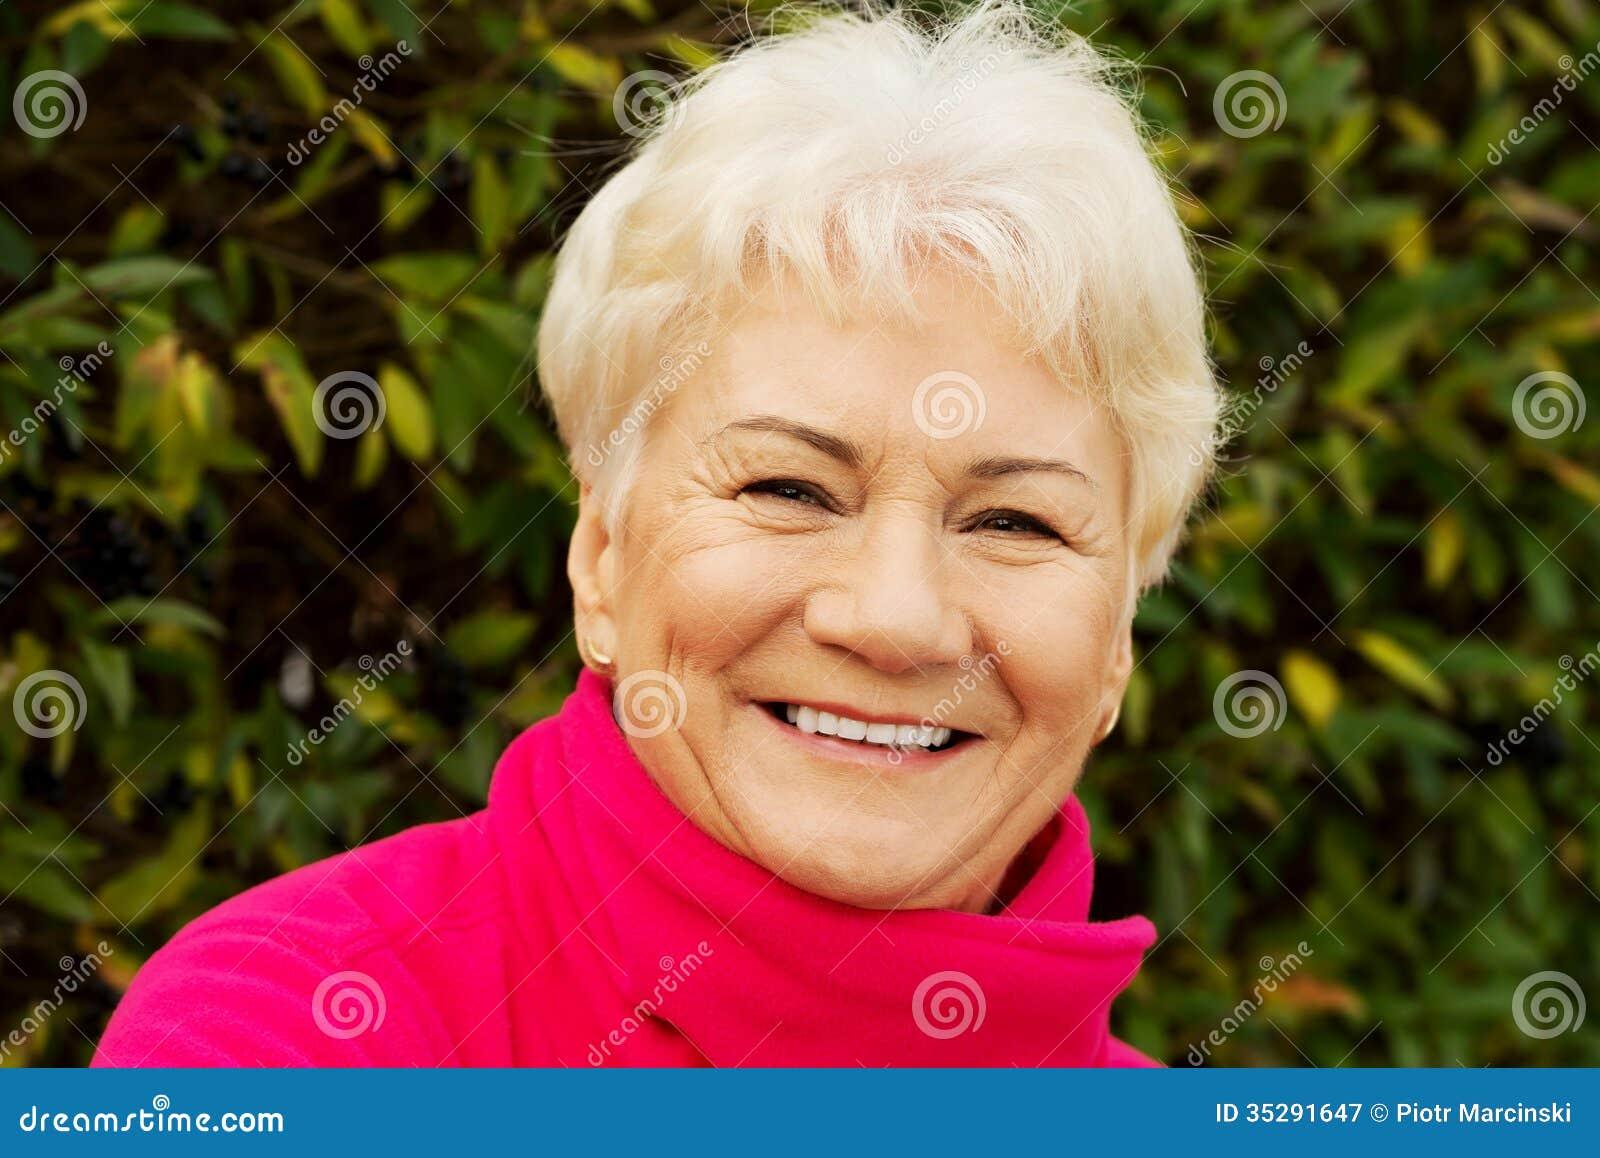 Stående av en gladlynt gammal dam över grön bakgrund.